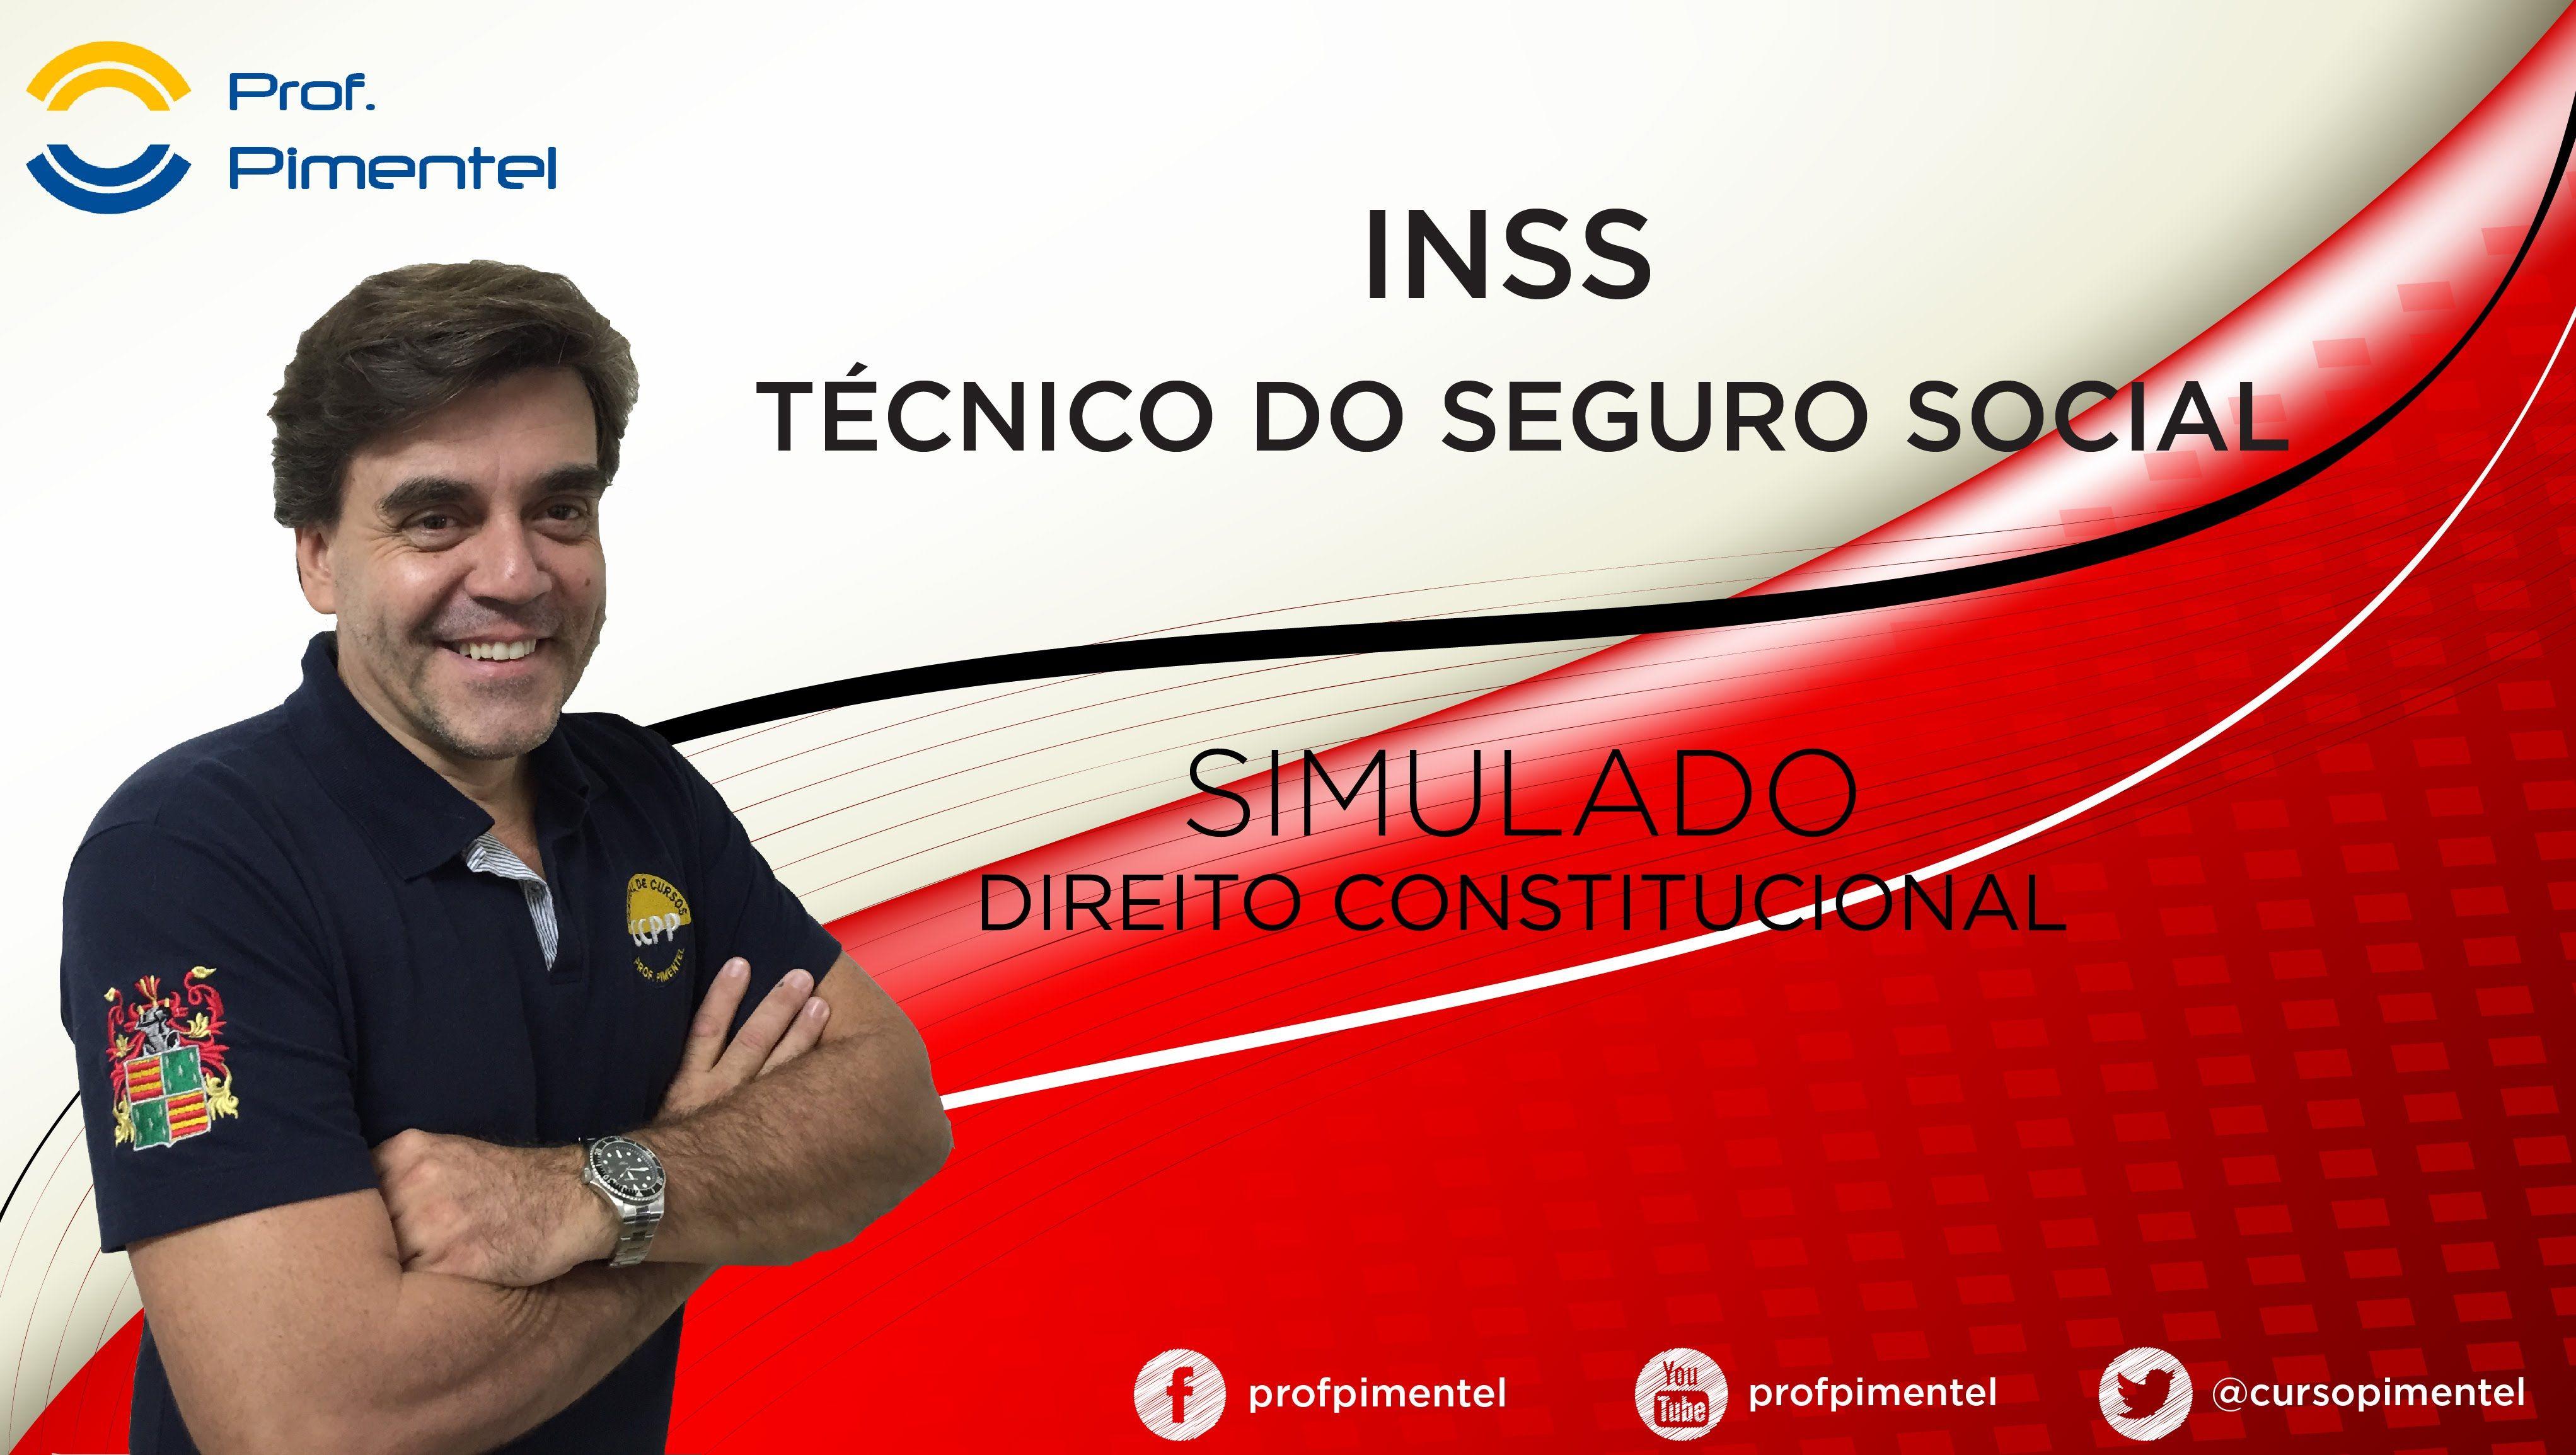 Correção Simulado do INSS - Direito Constitucional  http://w500.blogspot.com.br/